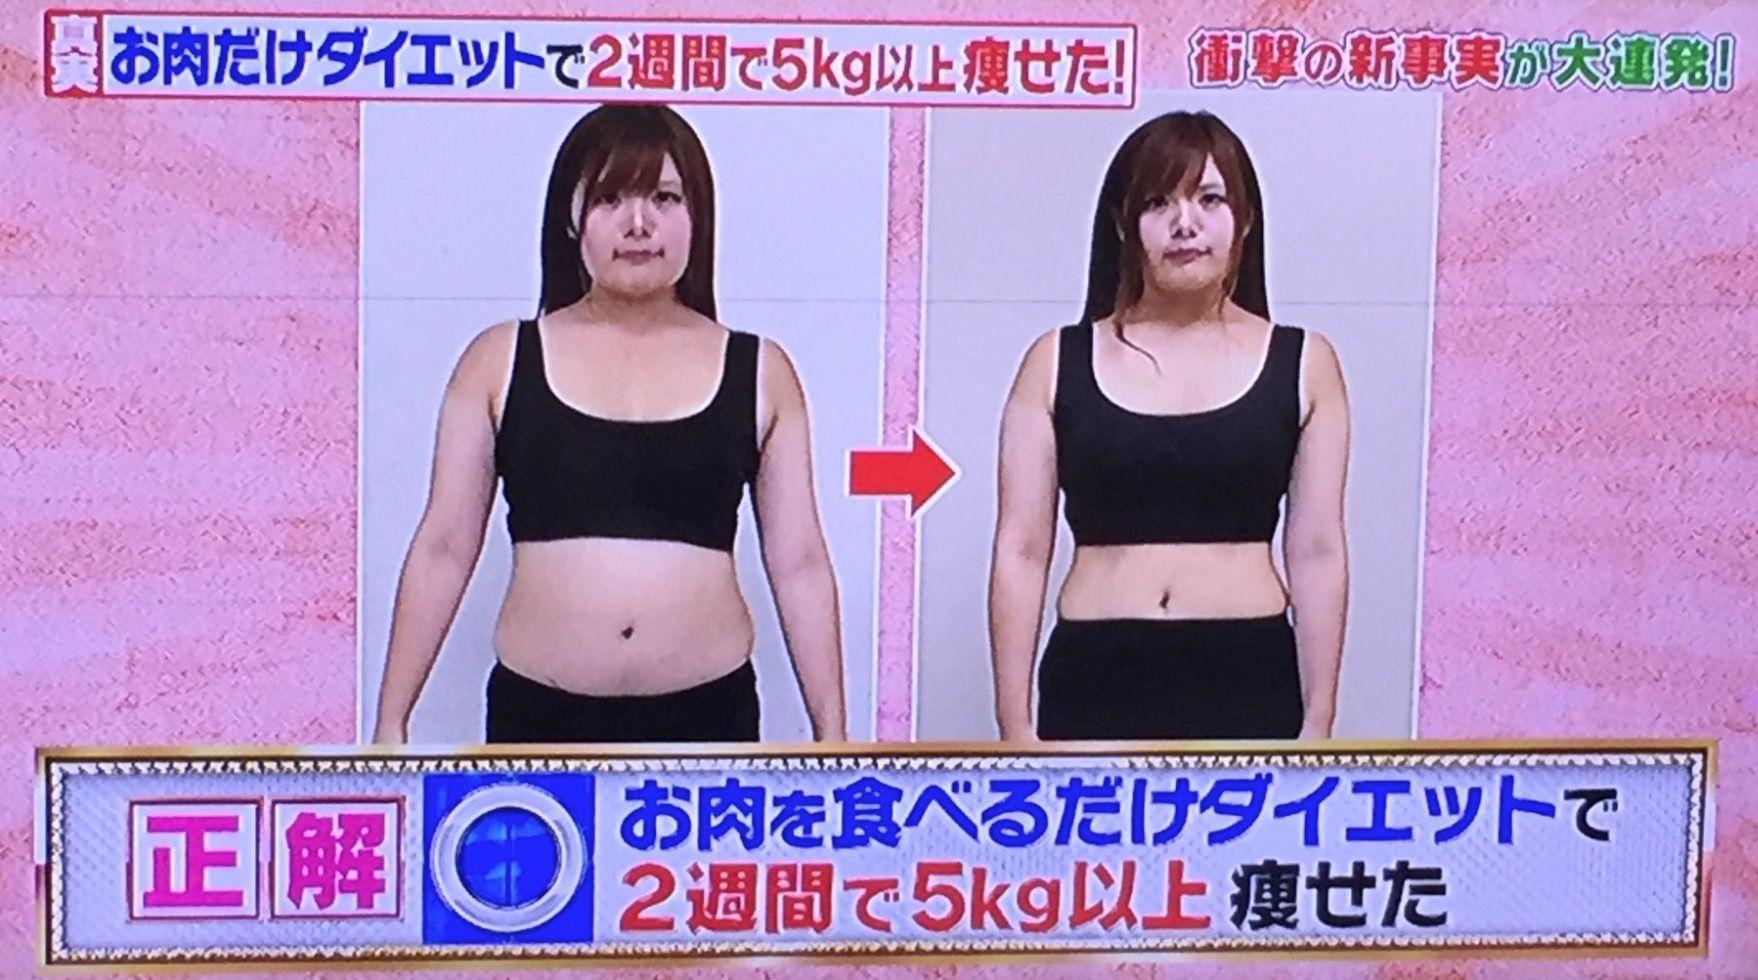 ダイエット で 痩せる 2 週間